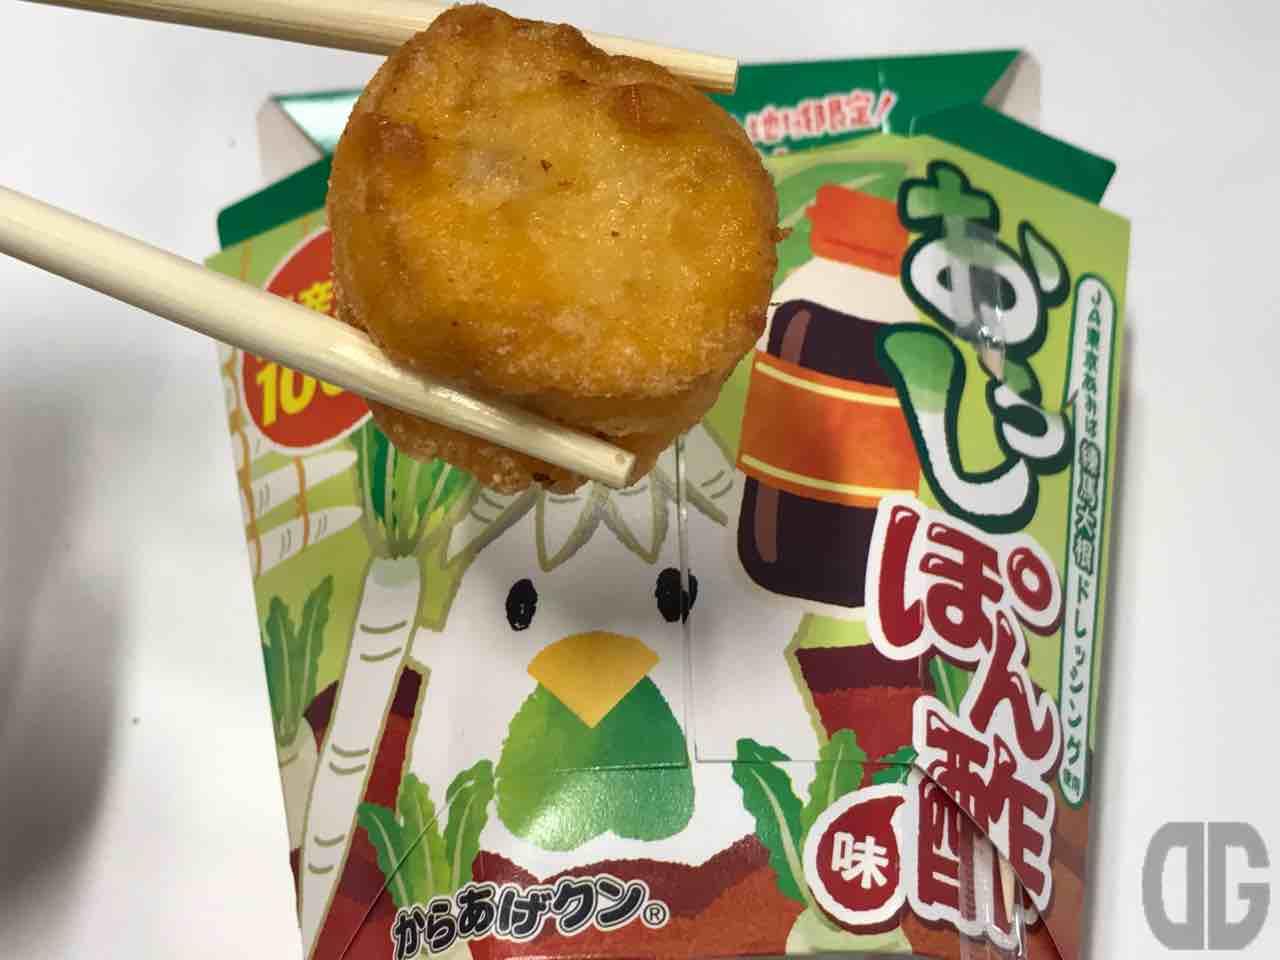 ローソンのからあげクン、地域限定からあげクン<東京エリア>おろしポン酢味。濃い目の味付けがクセになる